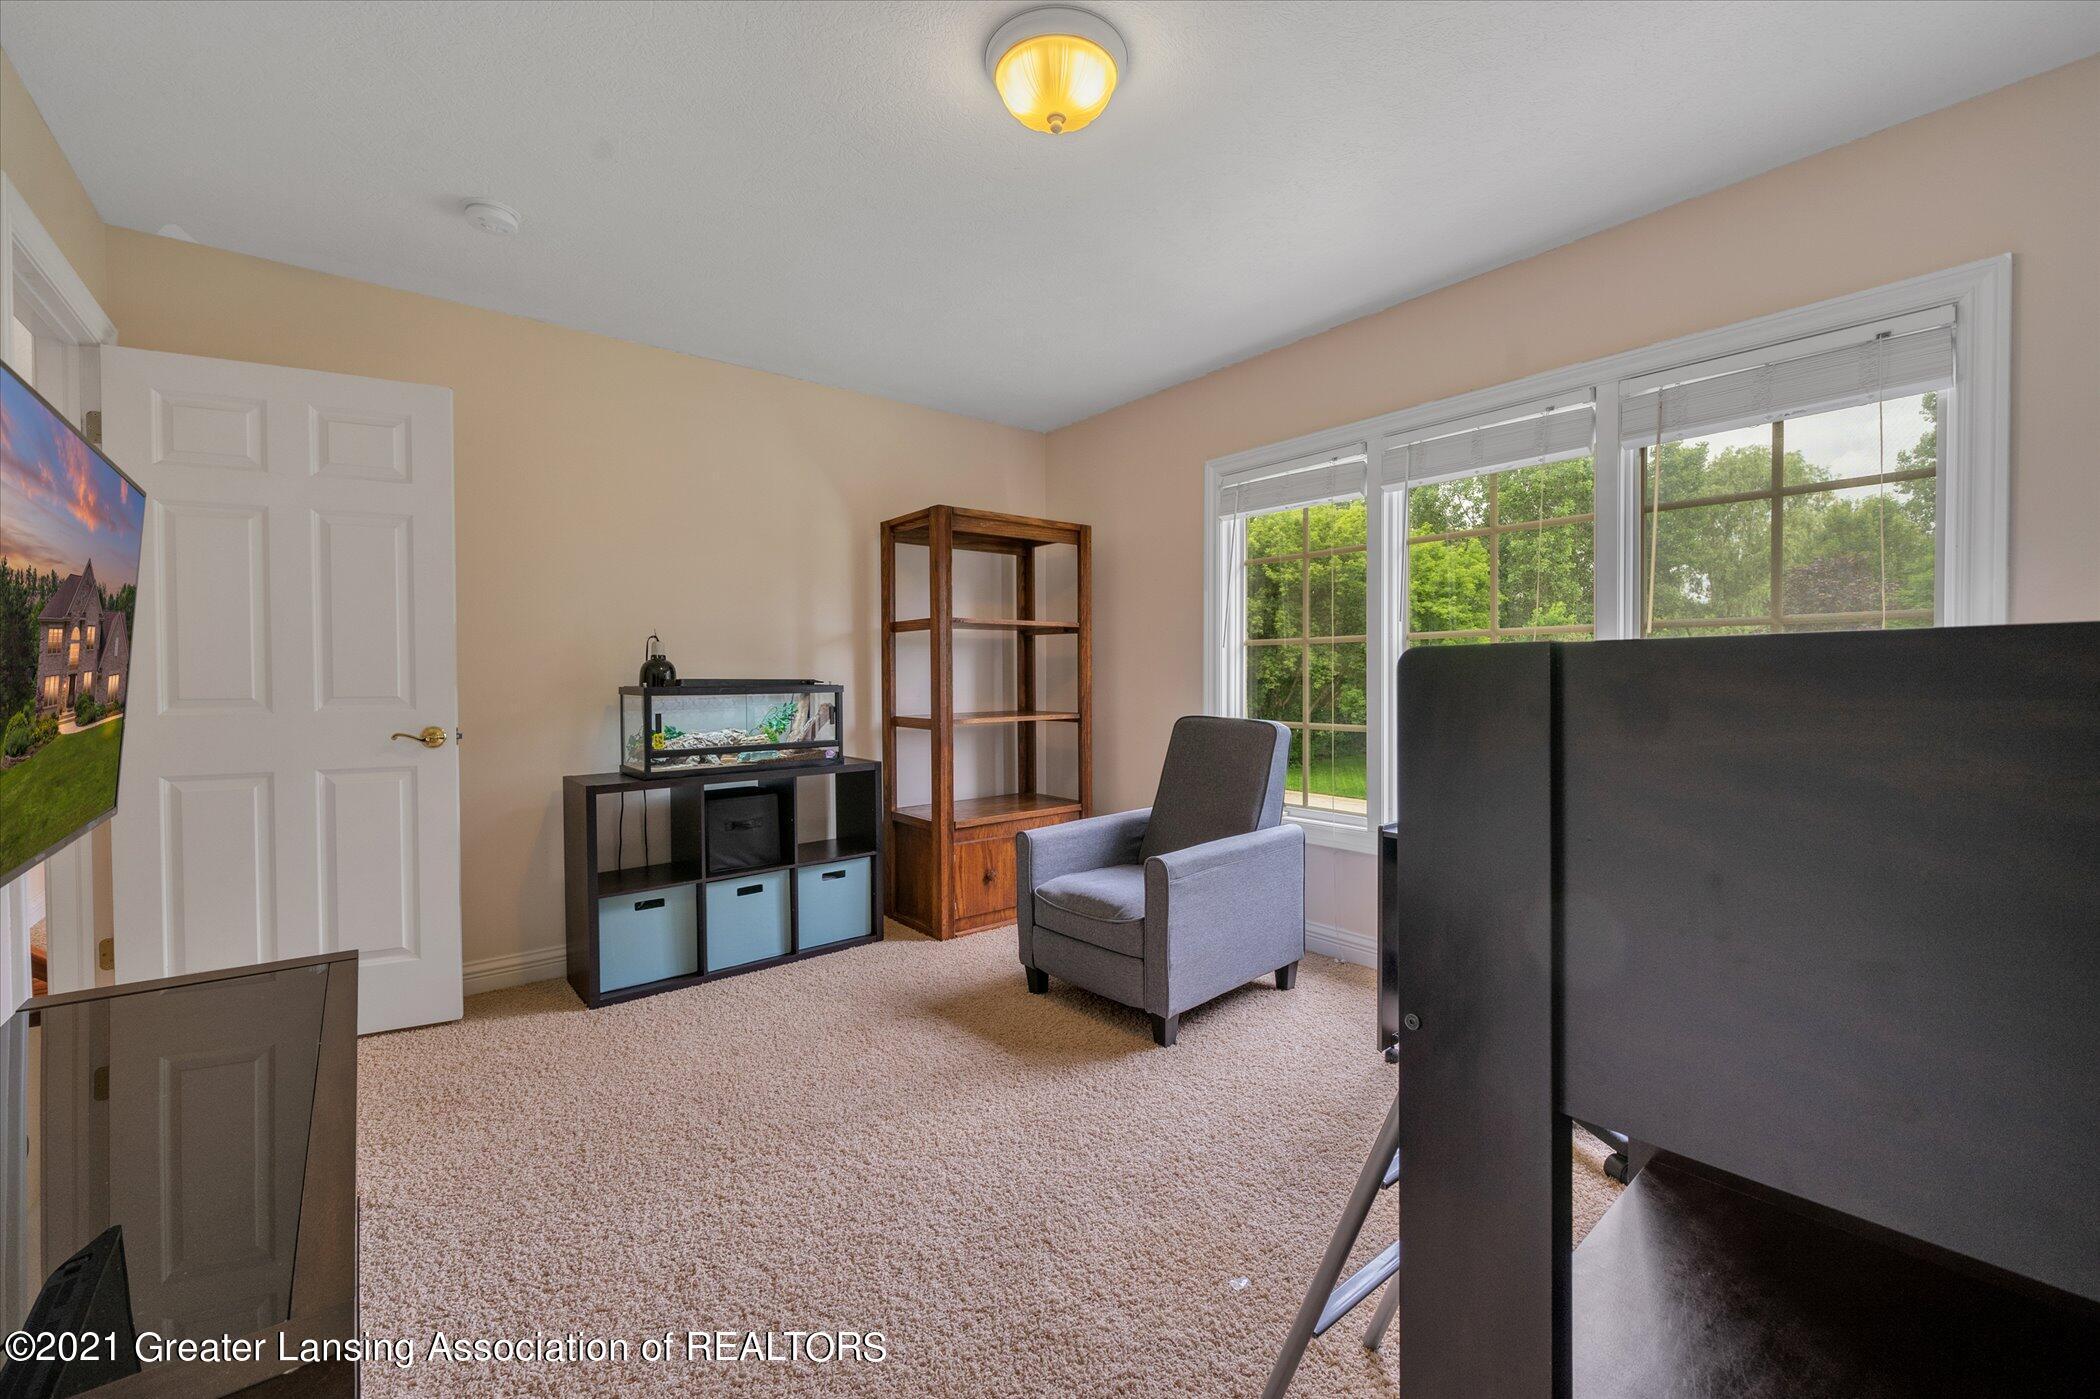 8100 Casandra Ln - UPPER LEVEL Bedroom 3 - 28